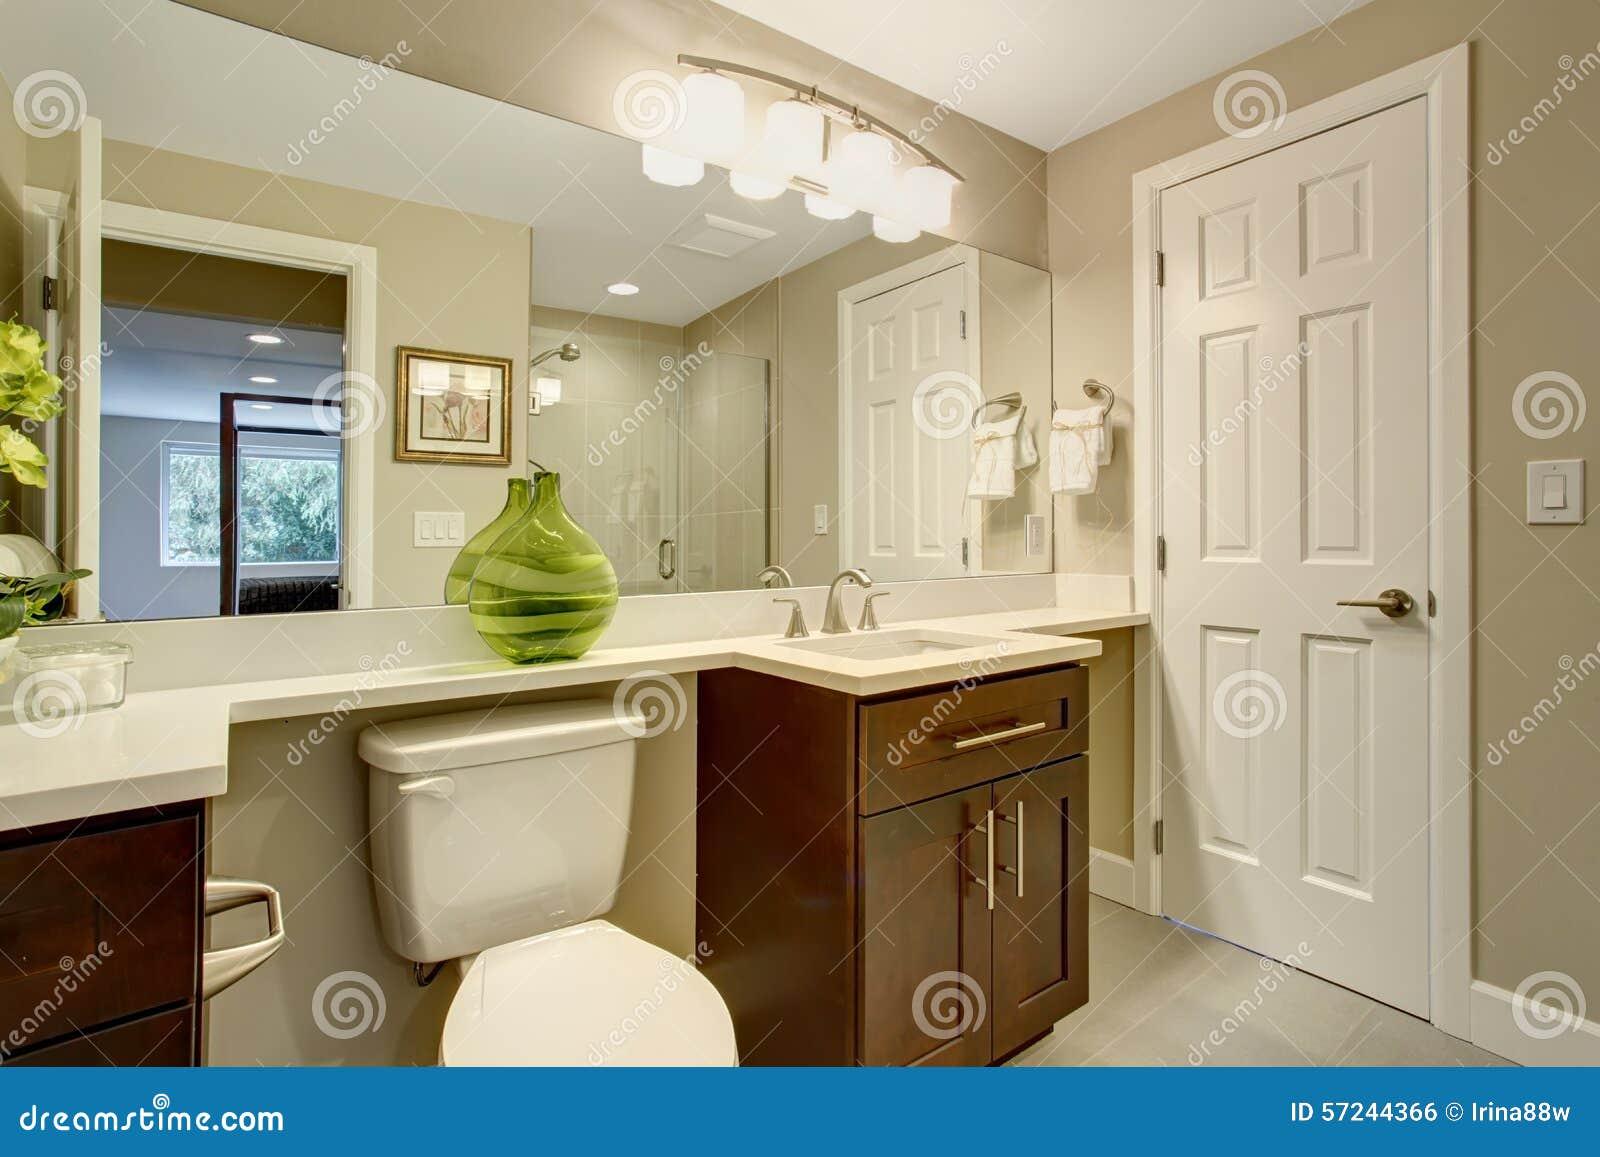 Mooie Betegelde Badkamers : Mooie badkamers met groene vaas stock foto afbeelding bestaande